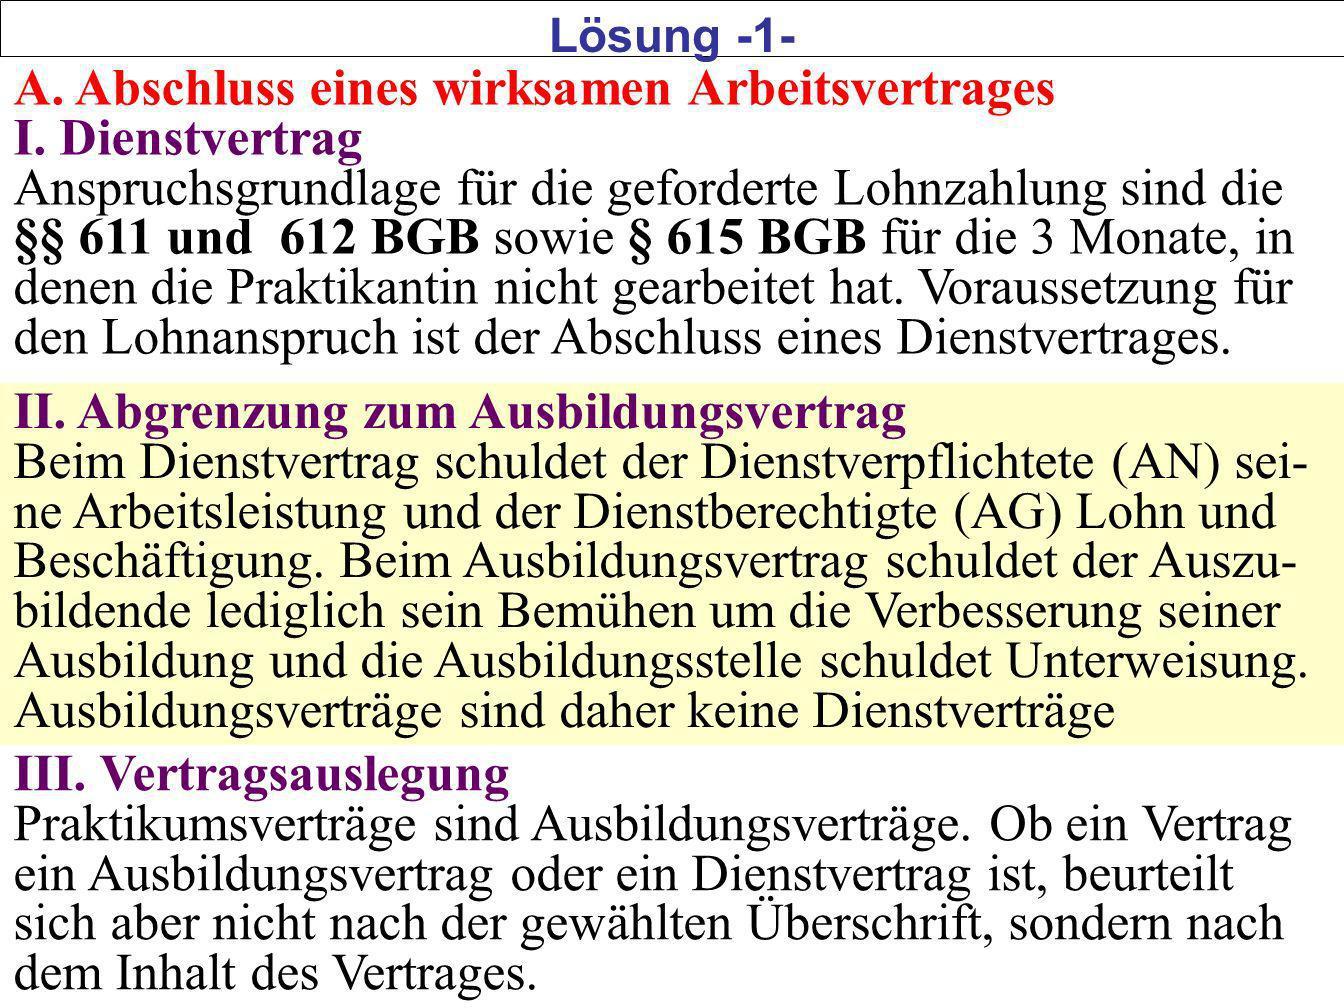 64 Die Kündigung vom 22.12.08 ist also nach § 15 KSchG unzulässig, weil Frau Meier vor dem Erhalt der Kündigung Wahlbewerber für den Betriebsrat war und es keinen wichtigen Grund für die AWO gab, sie ohne Kündigungsfrist zu kündigen.